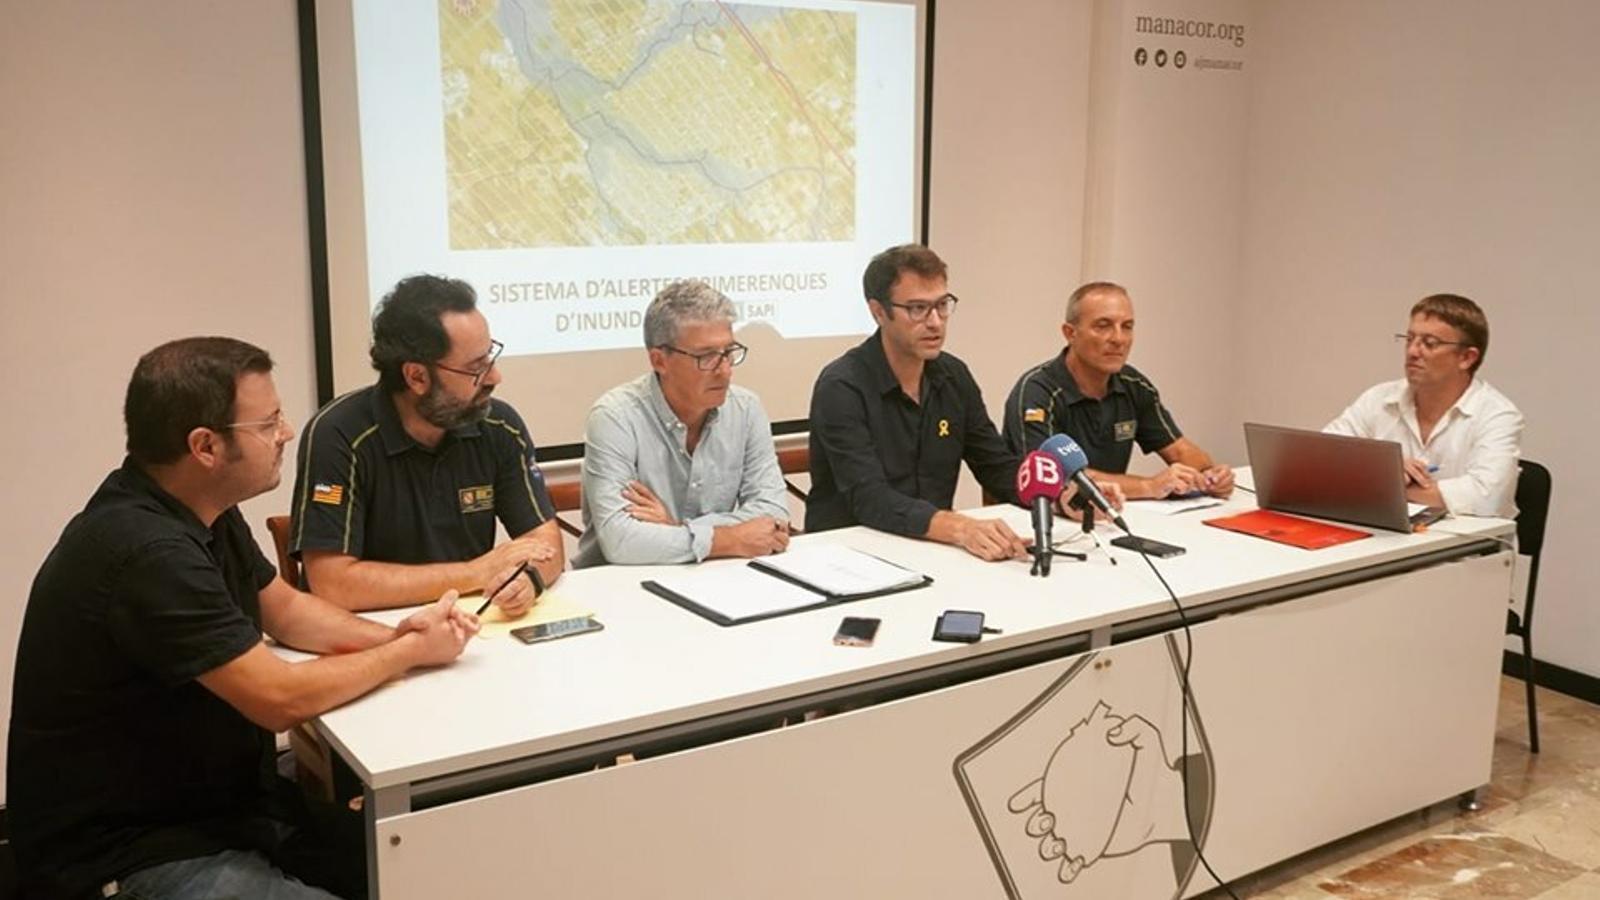 Presentació a Manacor del sistema d'alerta d'inundacions.